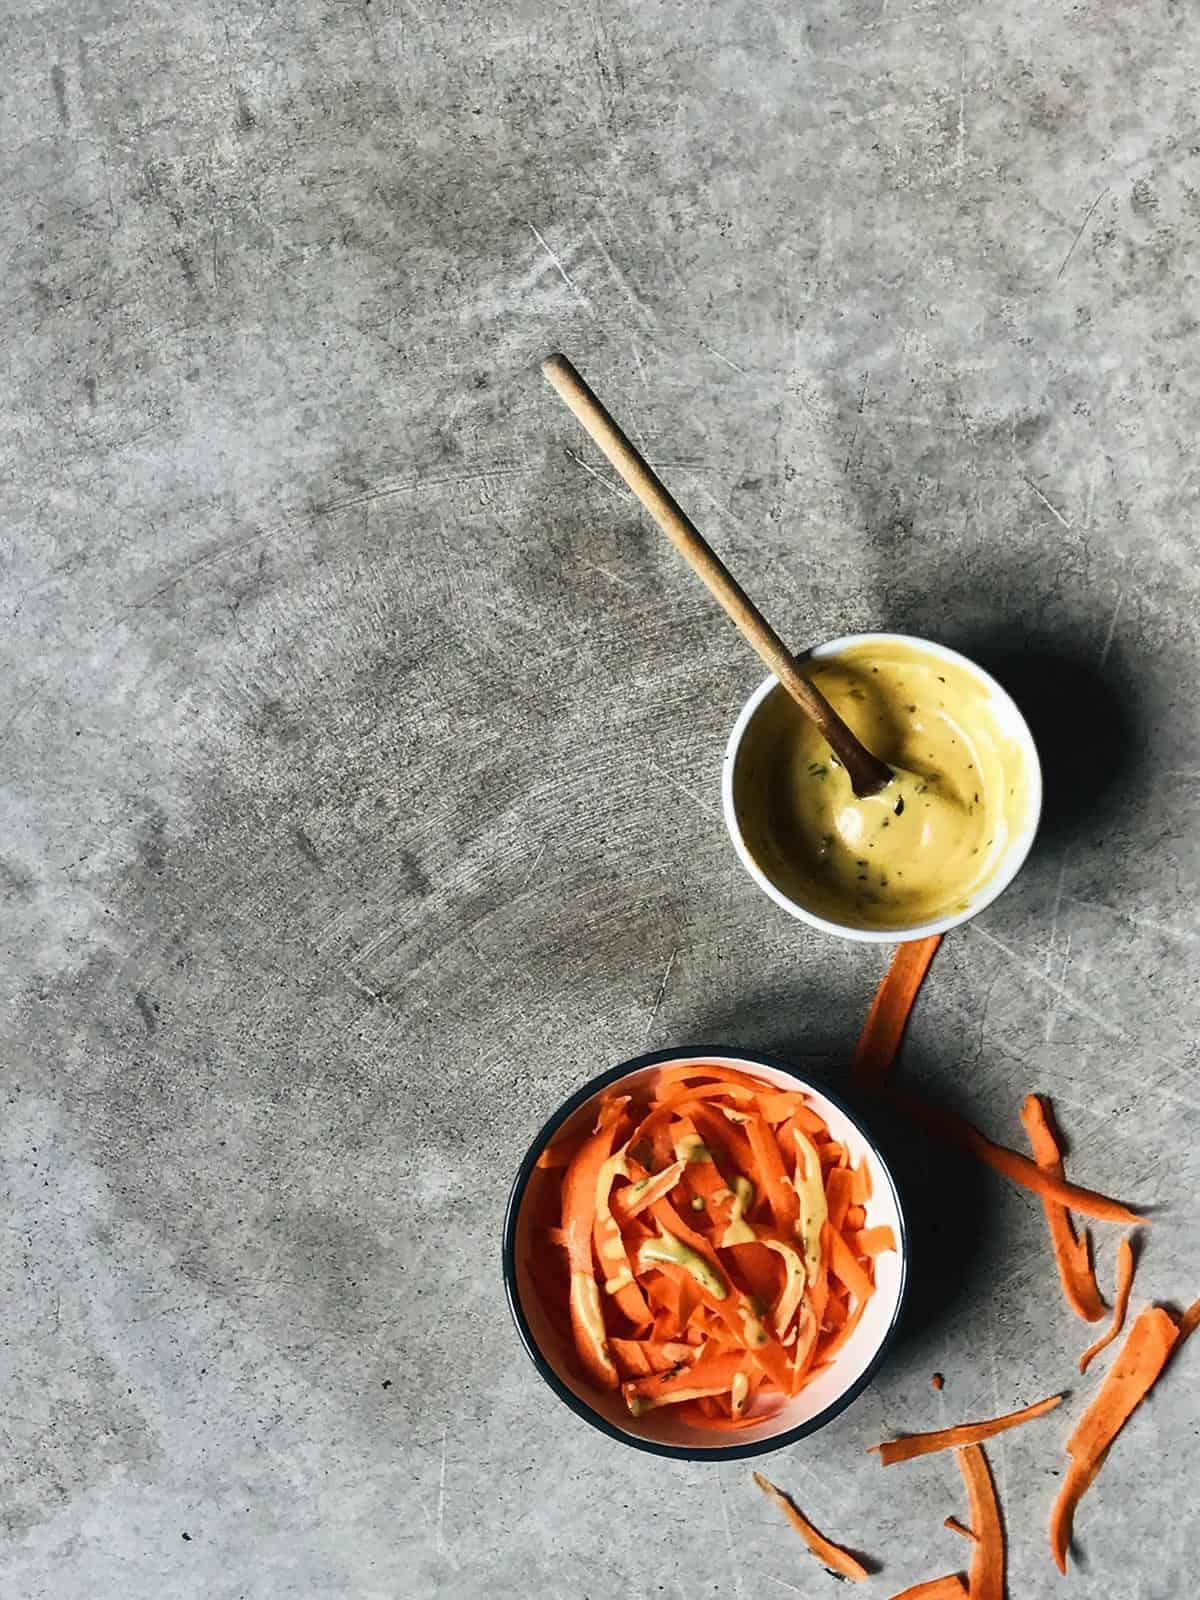 Ensalada de zanahoria con salsa Dijon